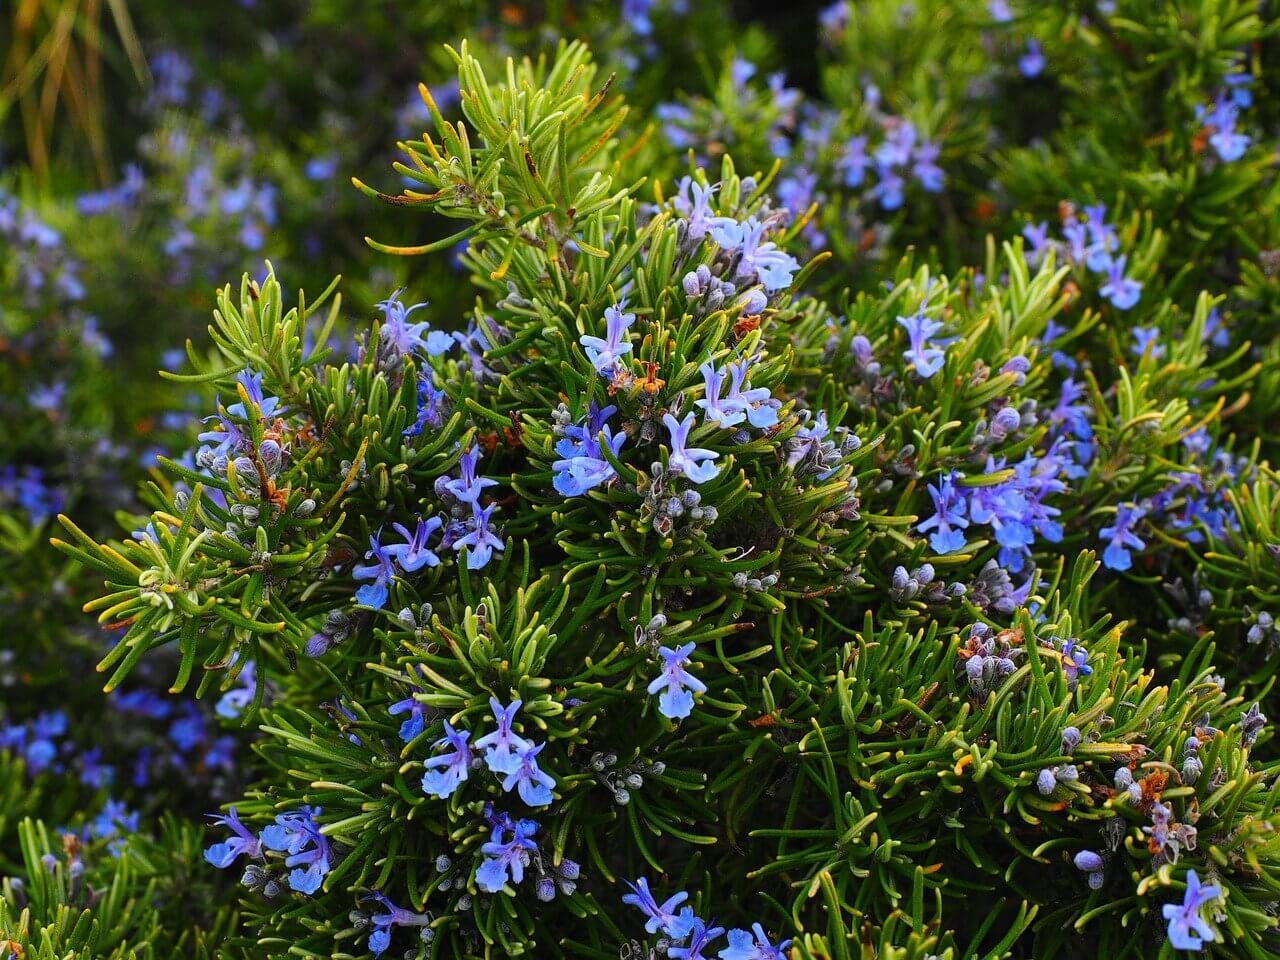 Illatos növények a kertben: Rozmaring